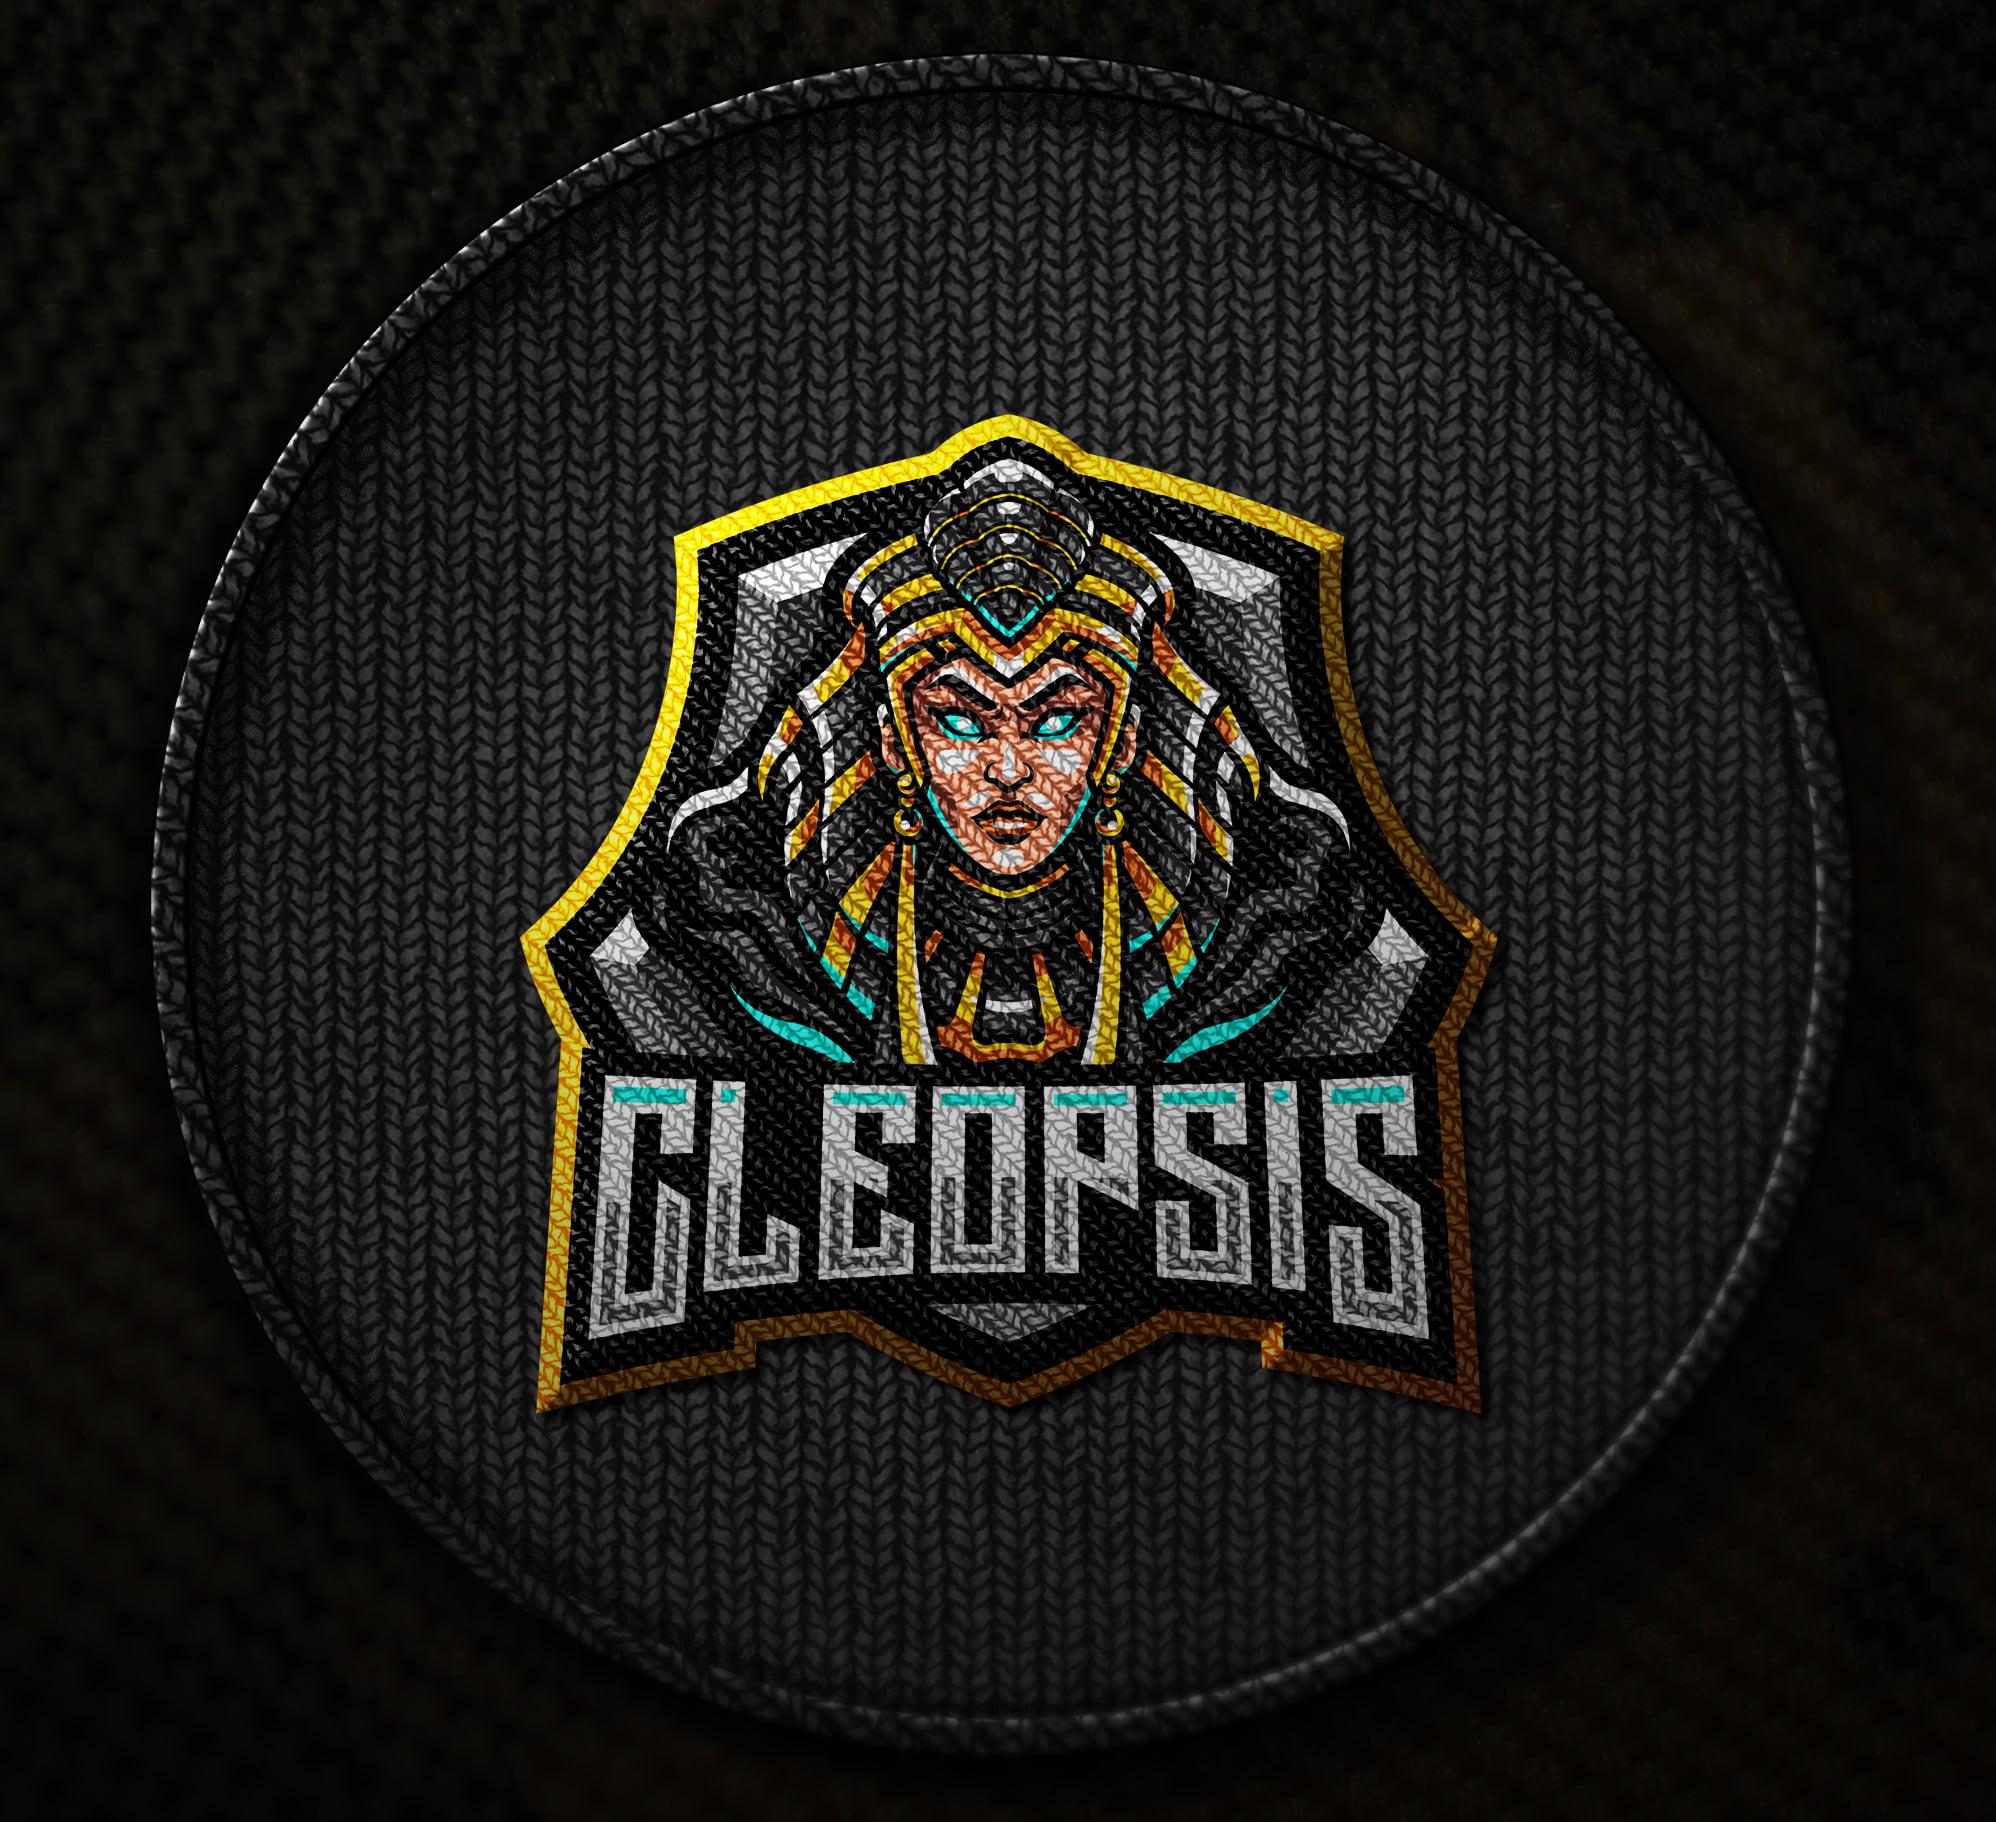 Free-Download-Cleopsis-Gaming-Mascot-Logo